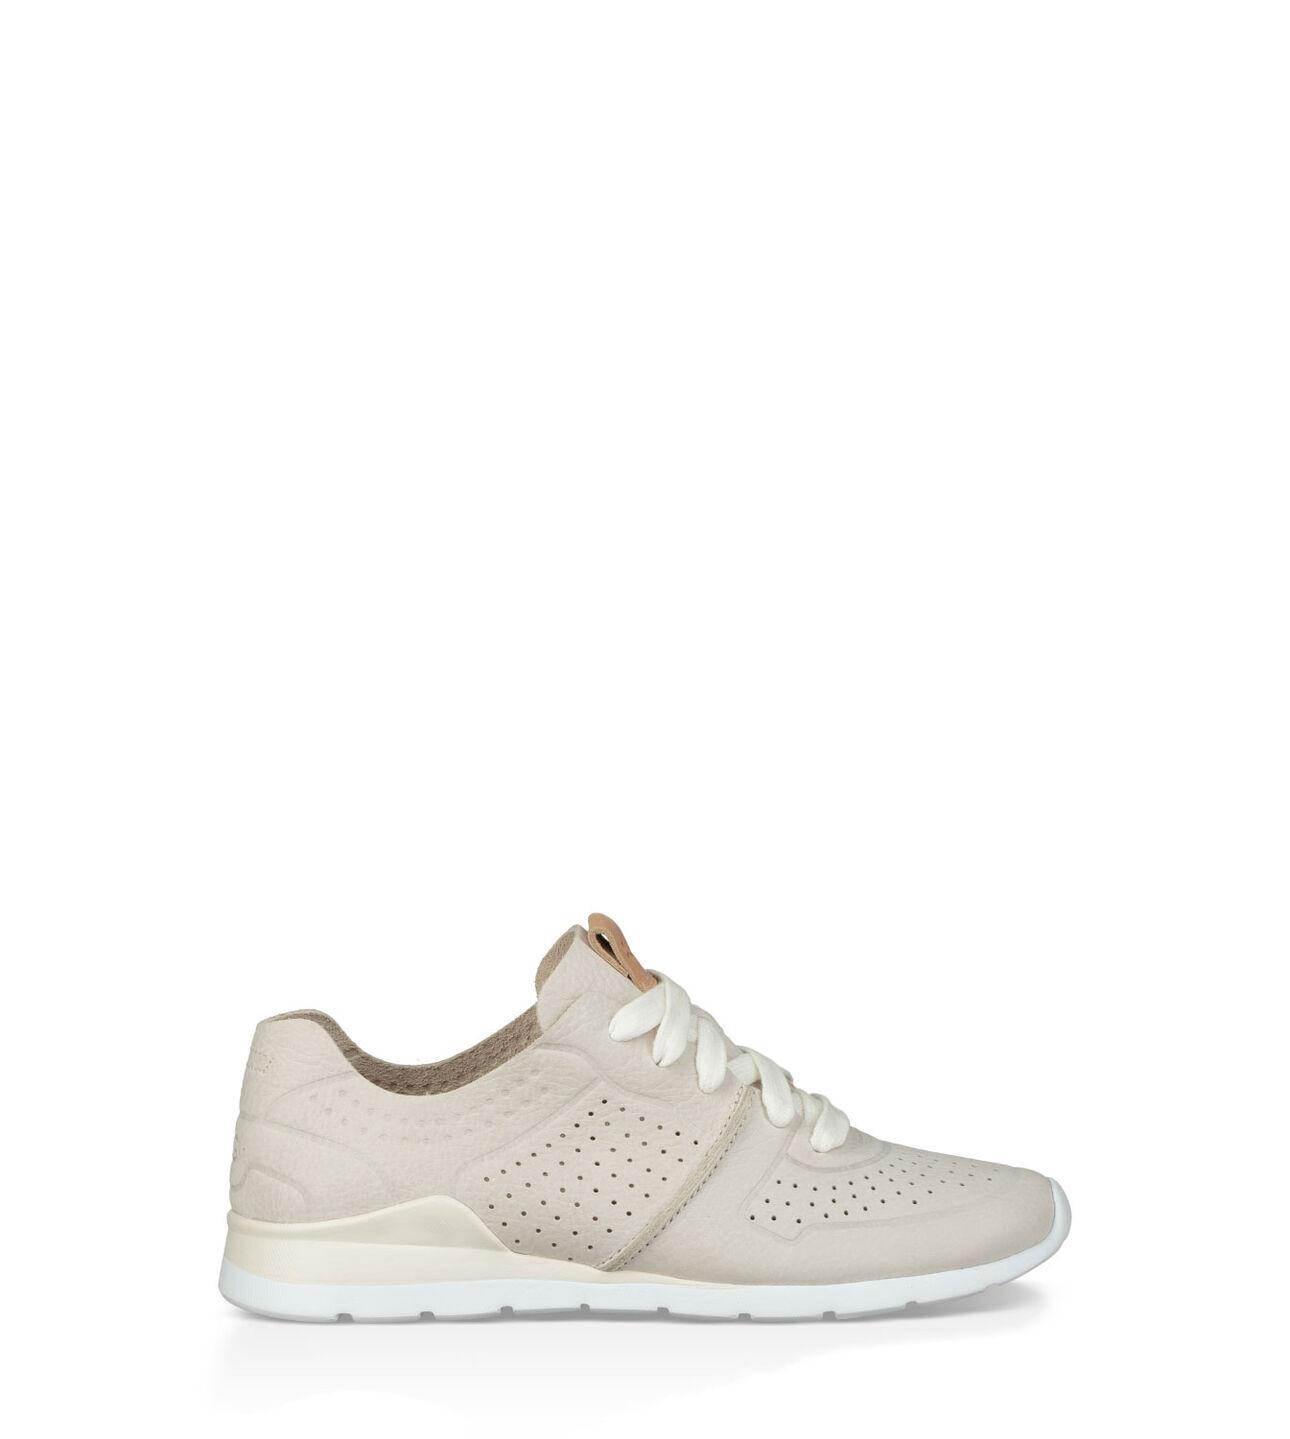 27474837970 Tye Sneaker